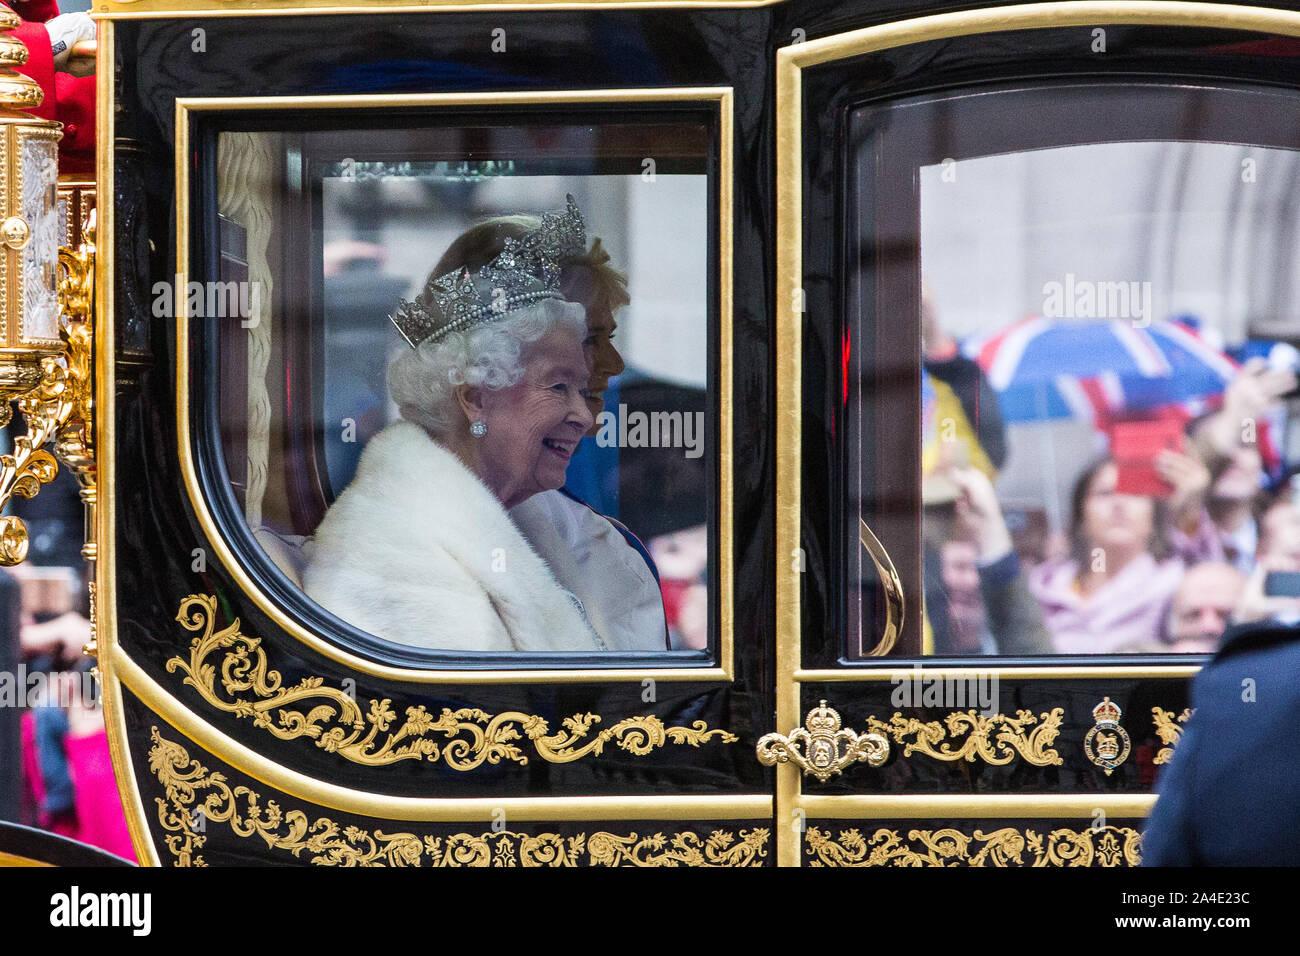 Londres, Royaume-Uni. 14 octobre, 2019. La Reine fait son chemin le long de Whitehall, assis à côté de la duchesse de Cornouailles dans un état coach construit en 2010, en route de Buckingham Palace à la Chambre des lords pour l'ouverture du Parlement et d'un très controversé Discours de la reine. Credit: Mark Kerrison/Alamy Live News Banque D'Images